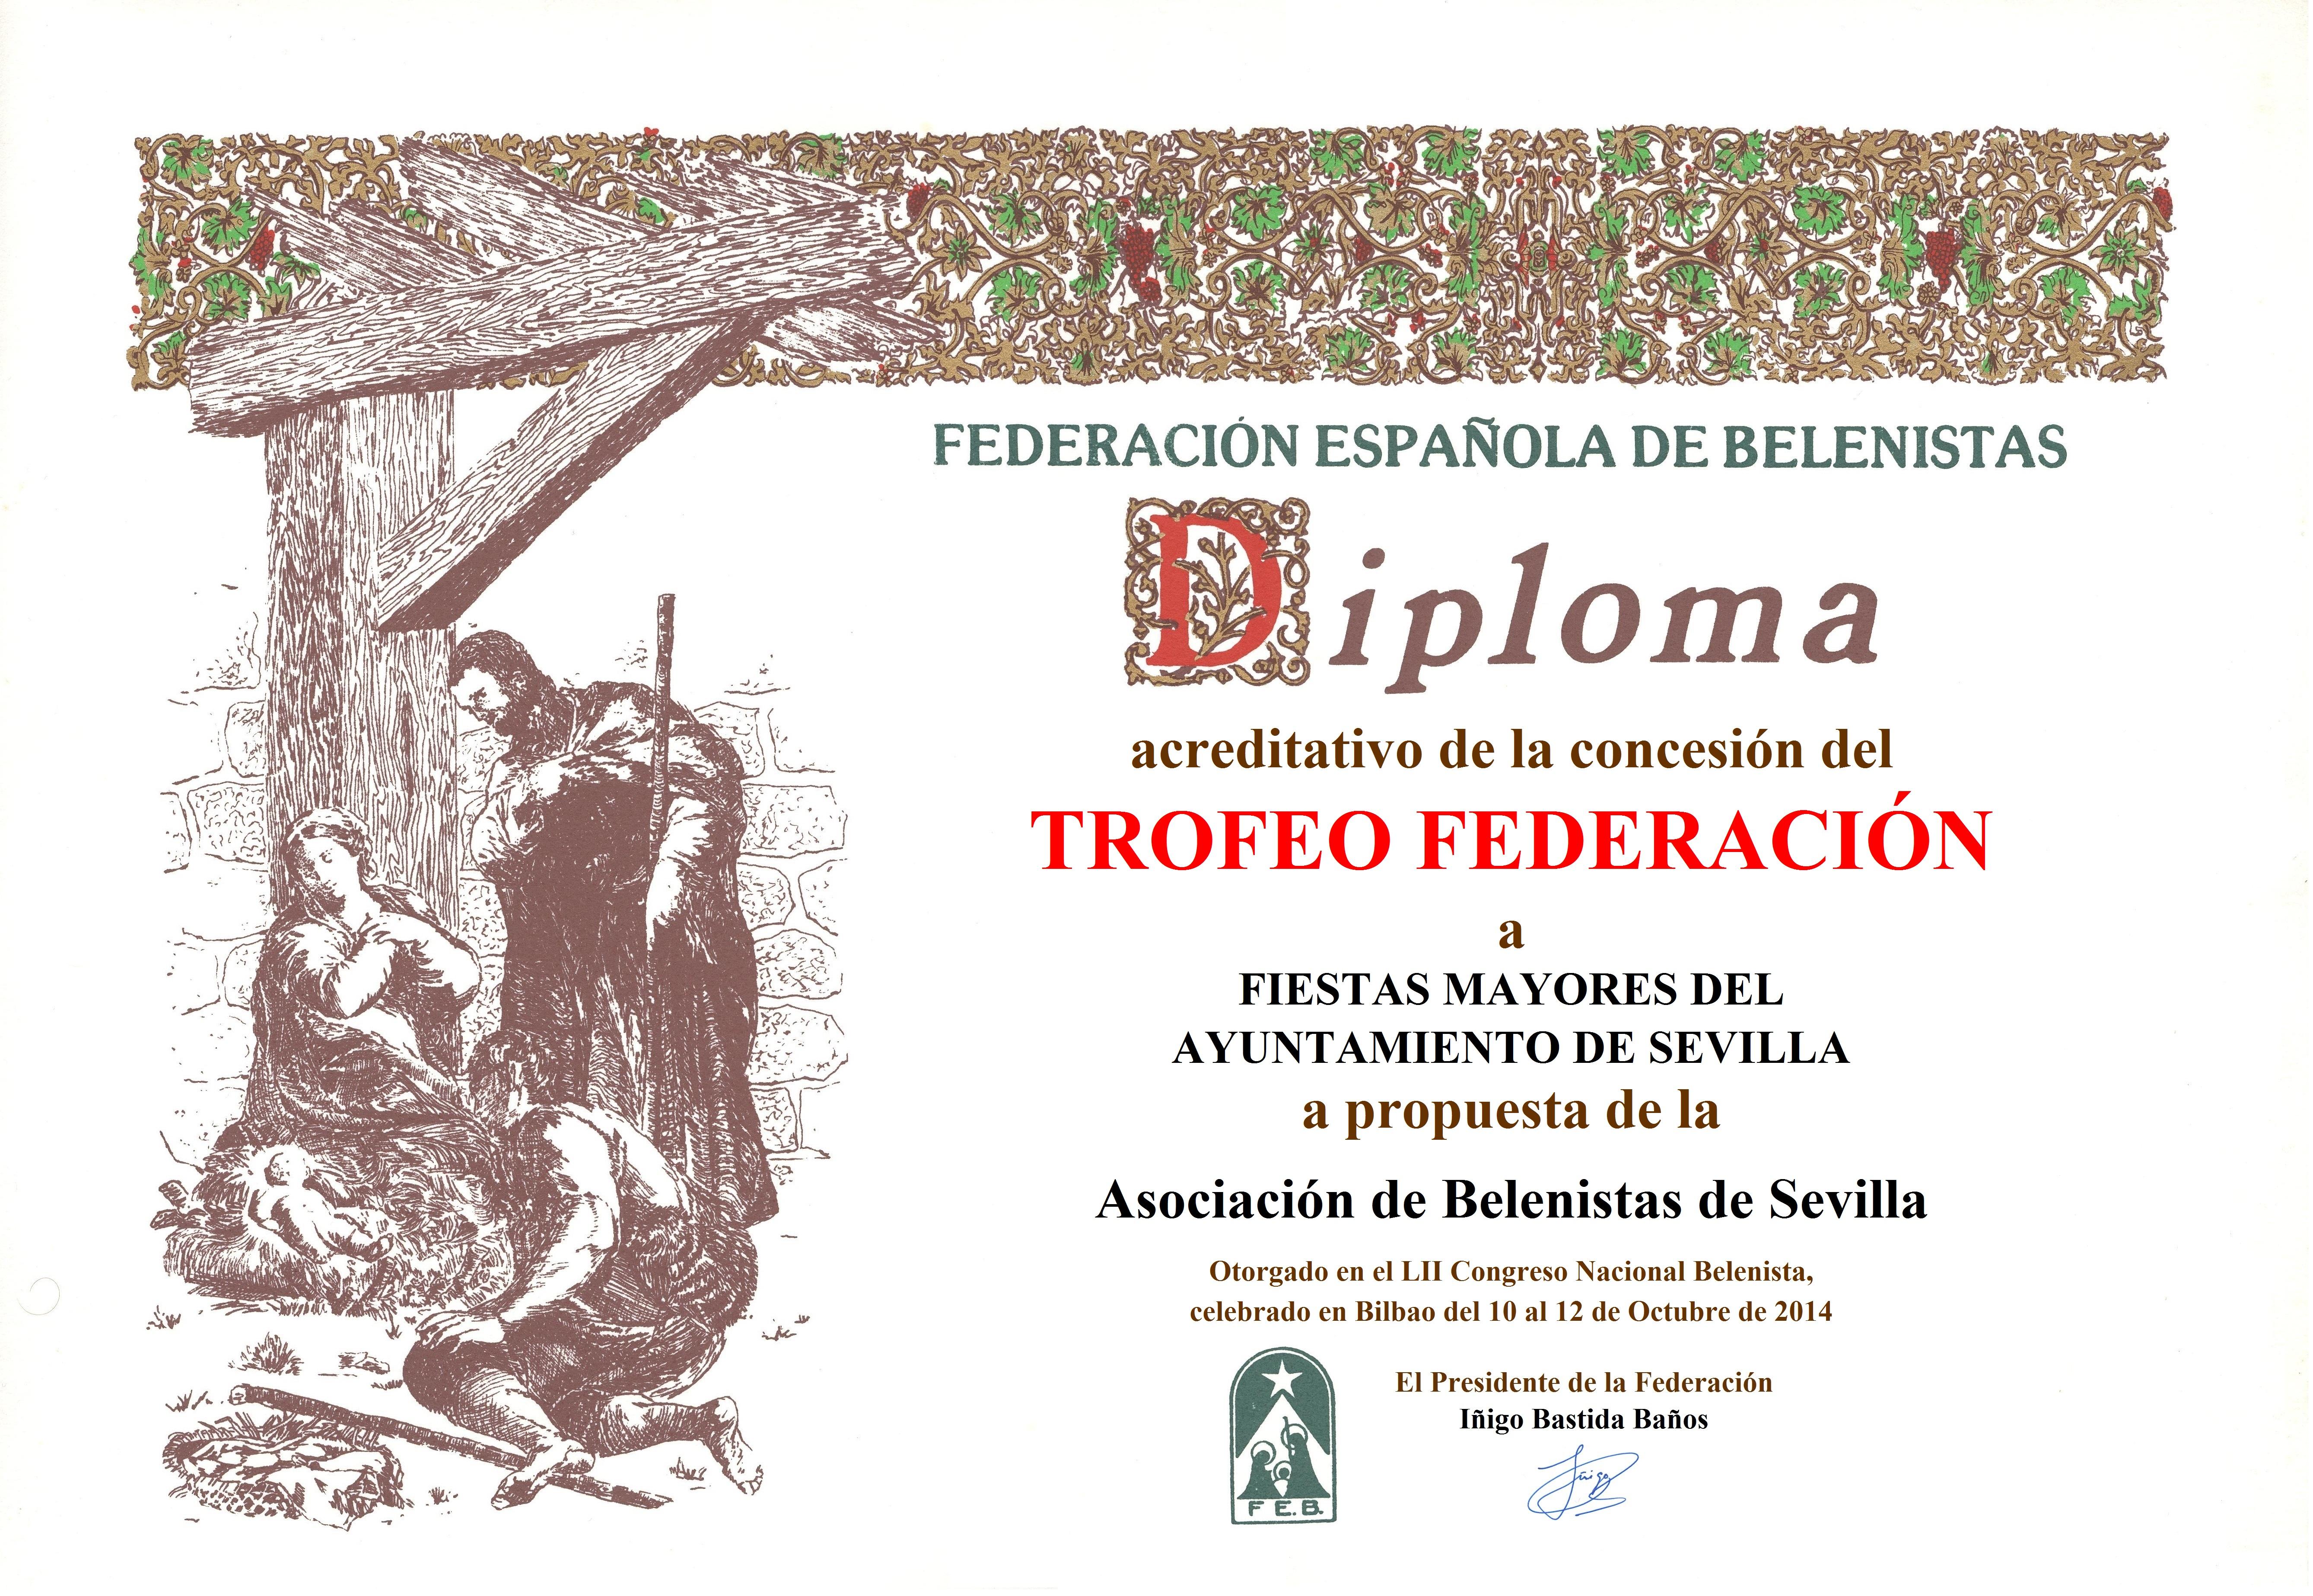 Diploma Trofeo FEB 2014 Fiestas Mayores del Ayuntamiento de Sevilla